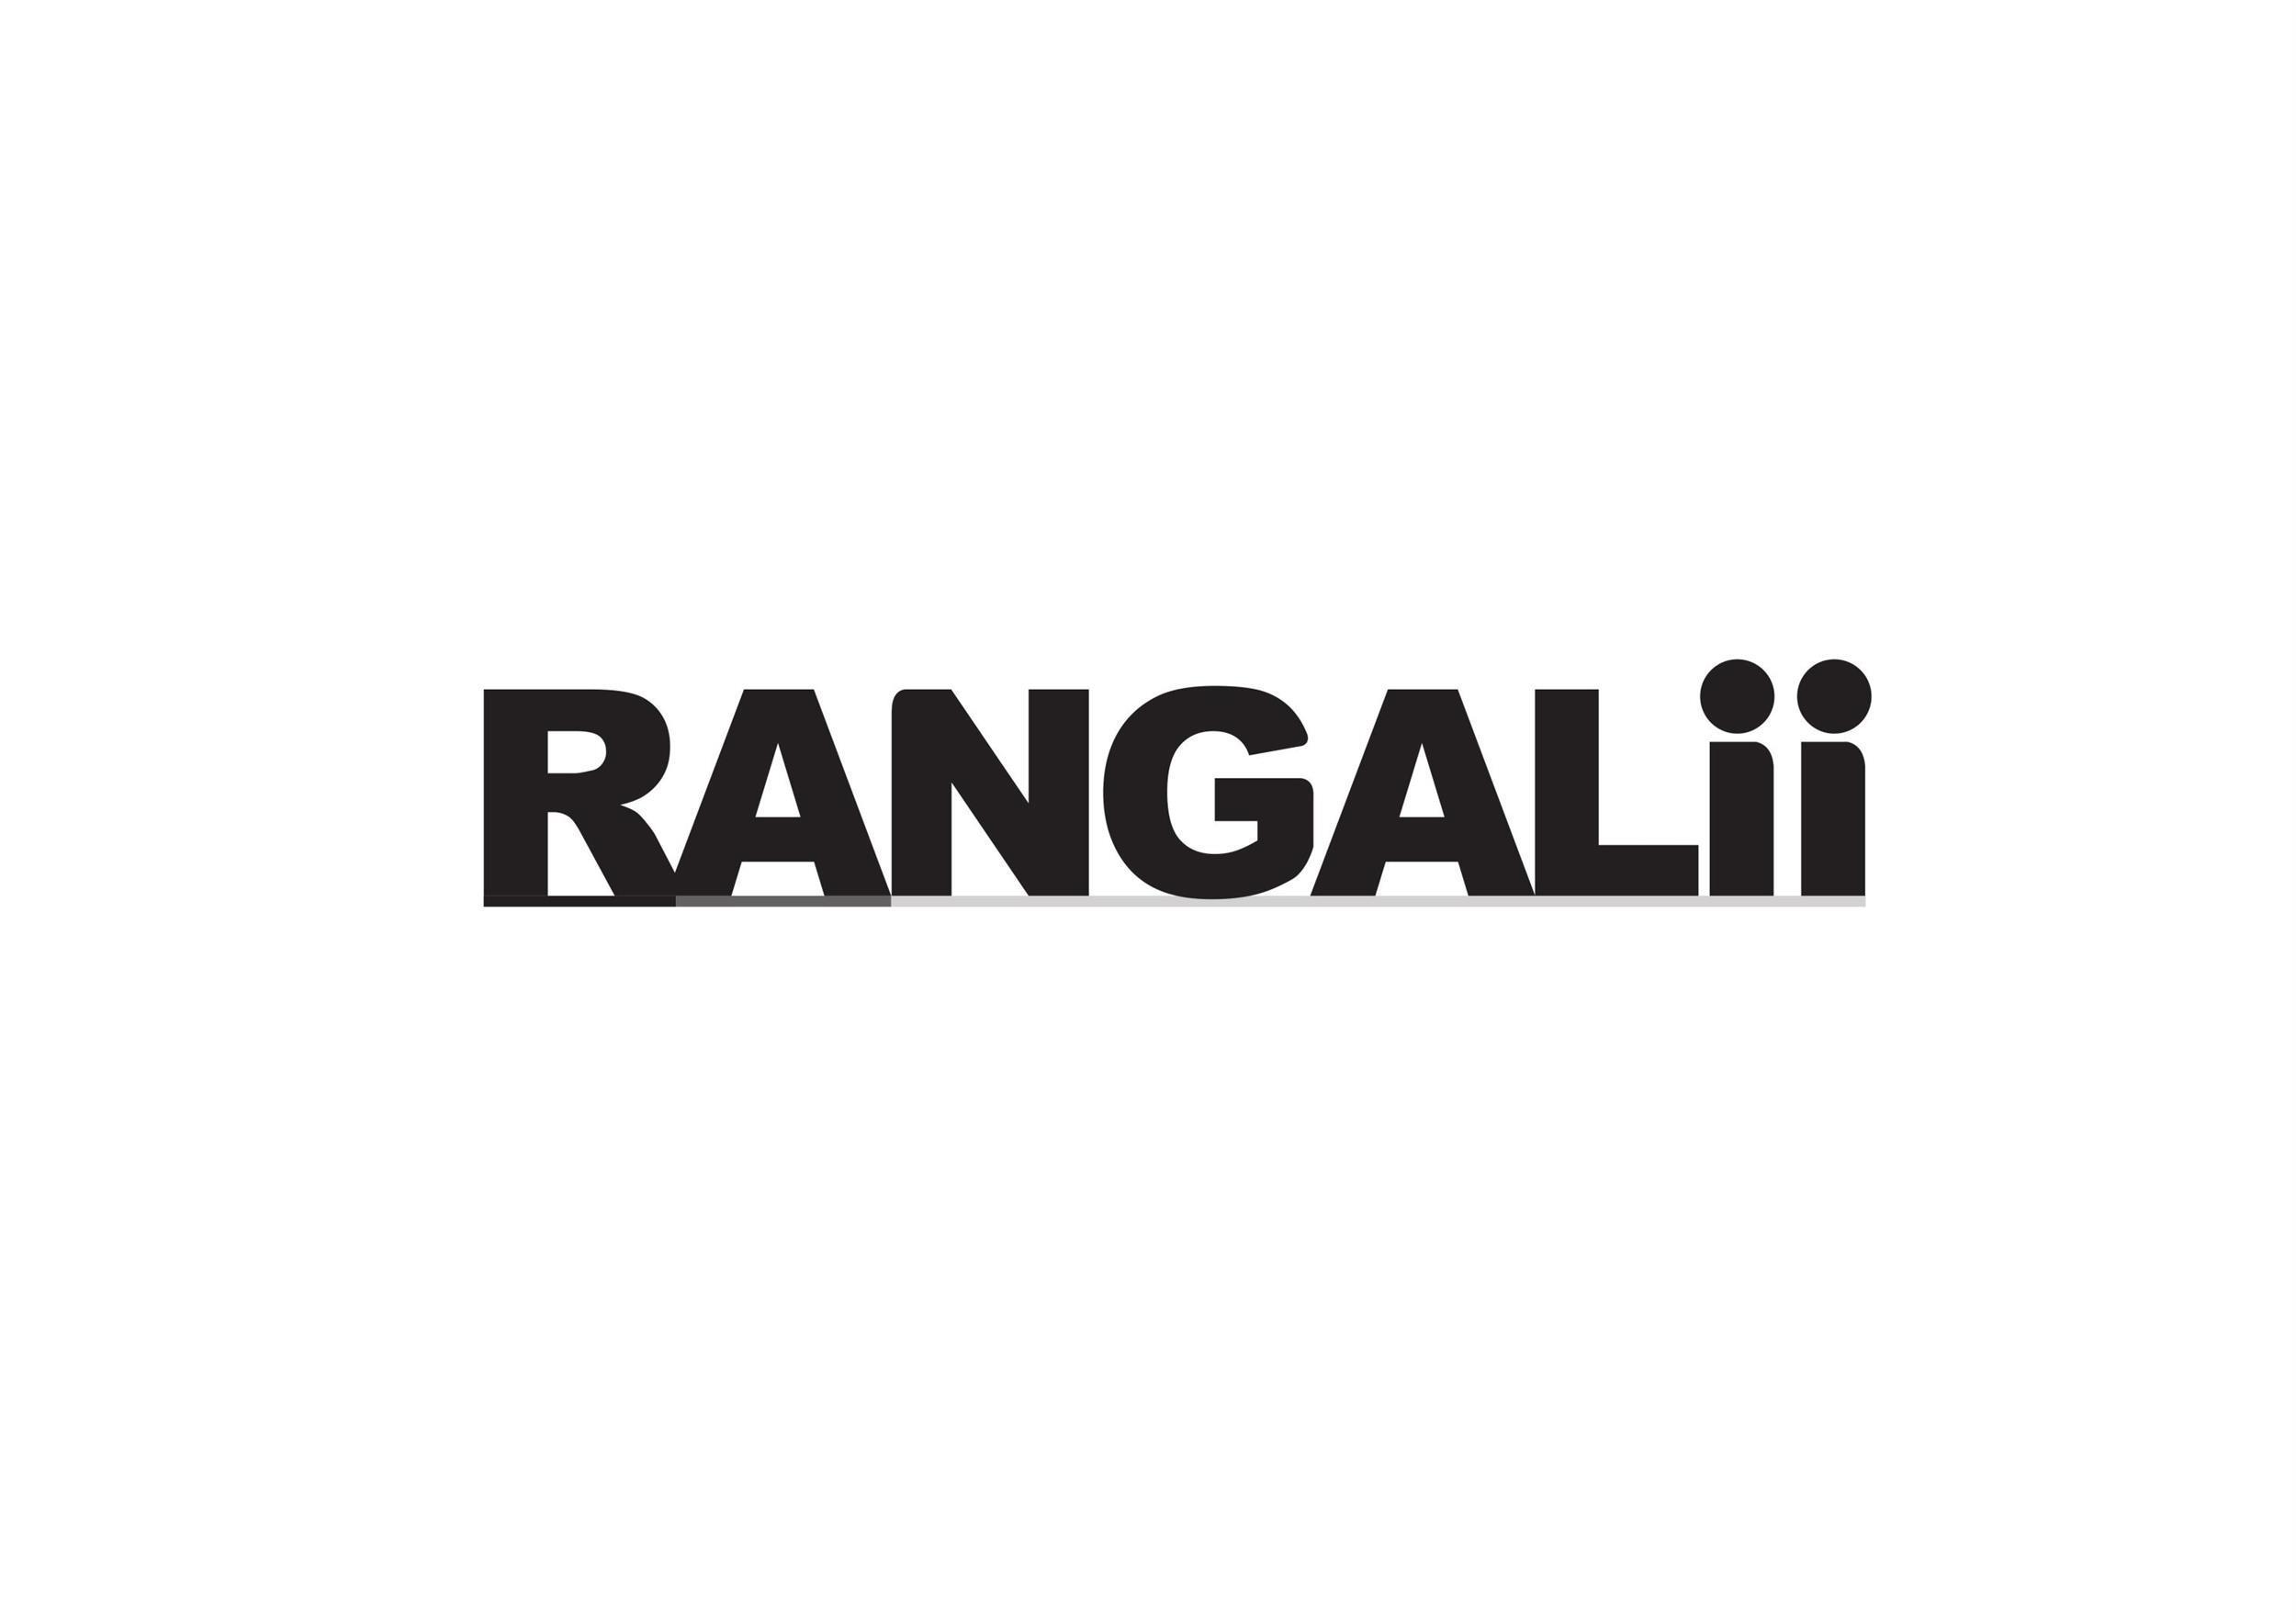 Bildmarke: RANGALii